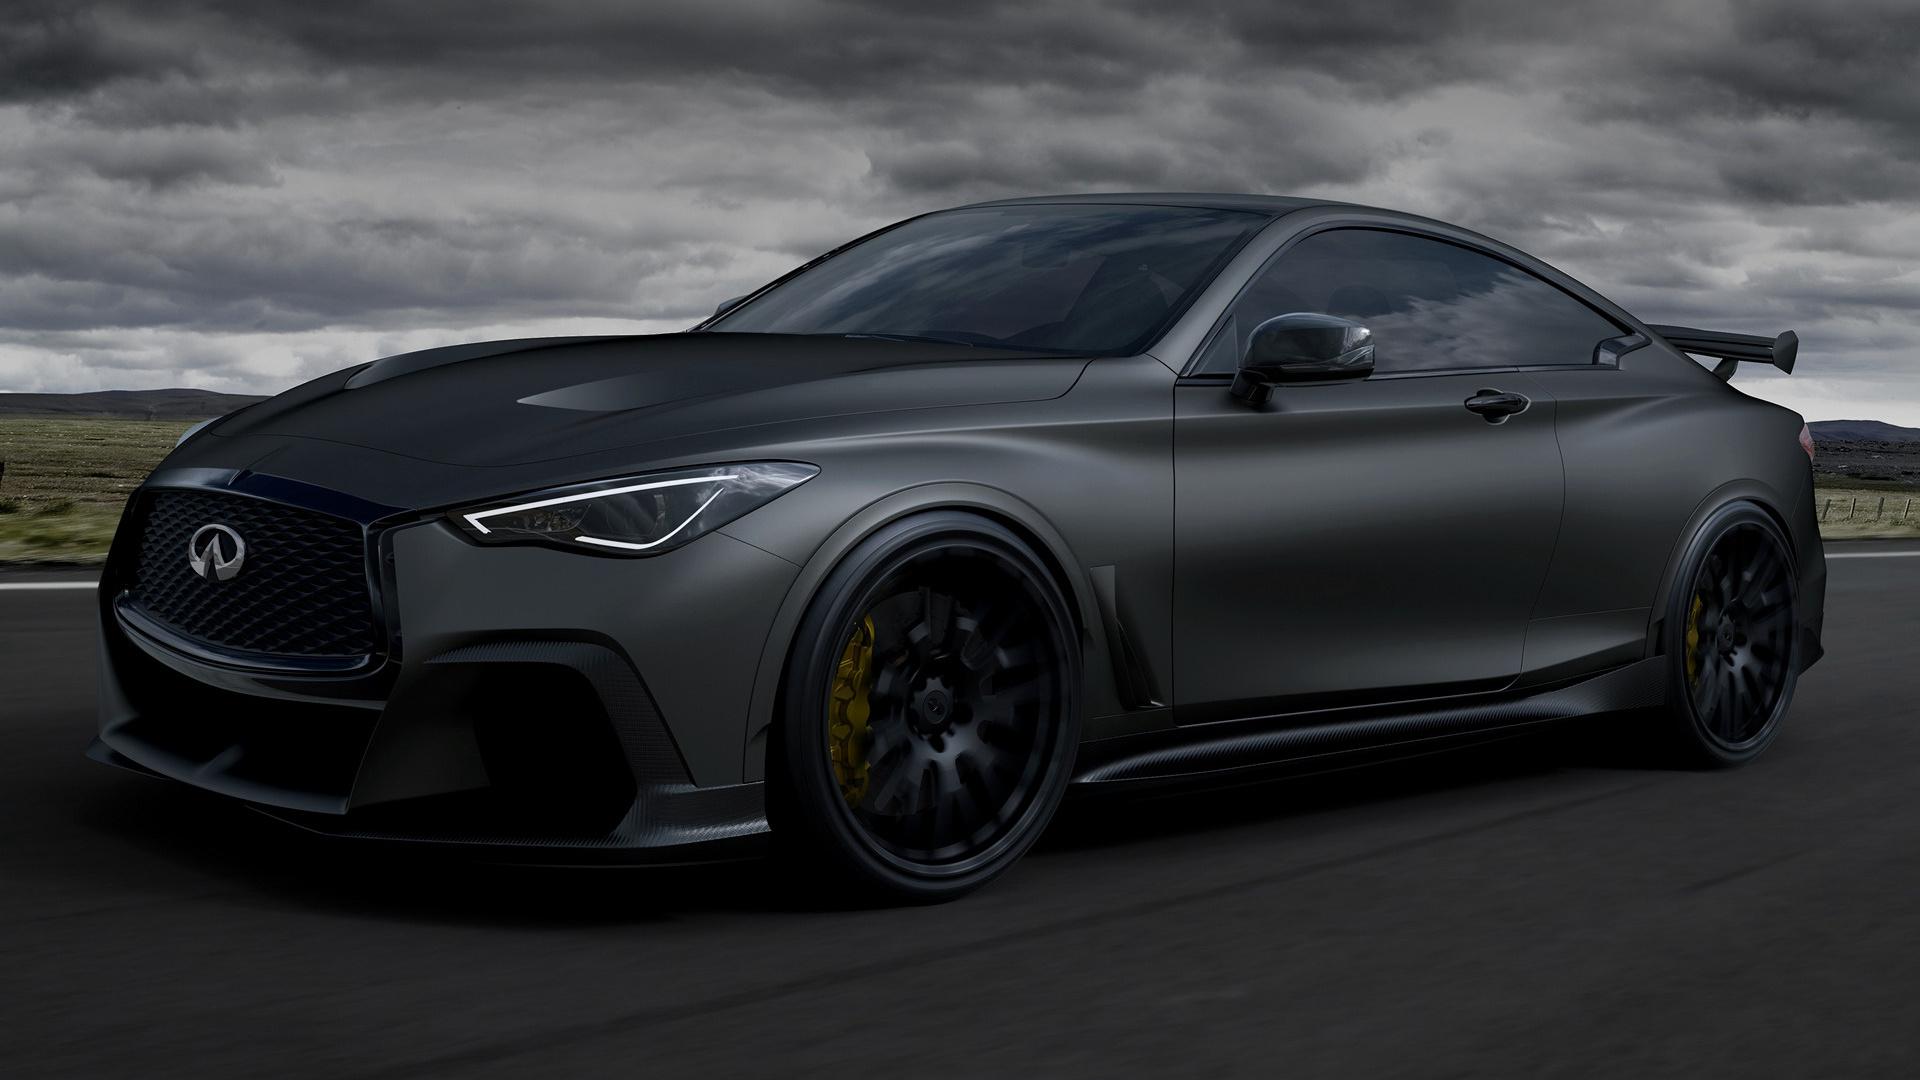 Jaguar Interior 2017 >> Infiniti Q60 Project Black S Concept (2017) Wallpapers and HD Images - Car Pixel